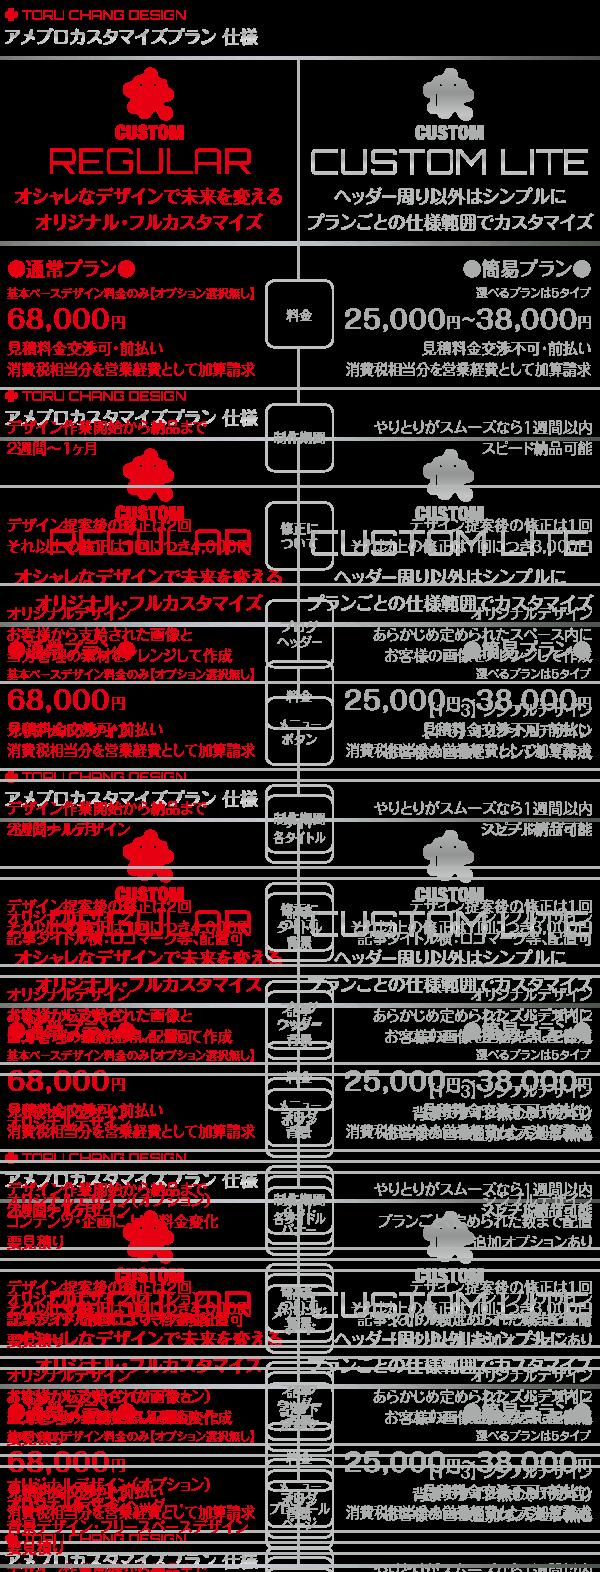 アメブロカスタマイズ_プラン比較_デザイン仕様_TORU CHANG DESIGN